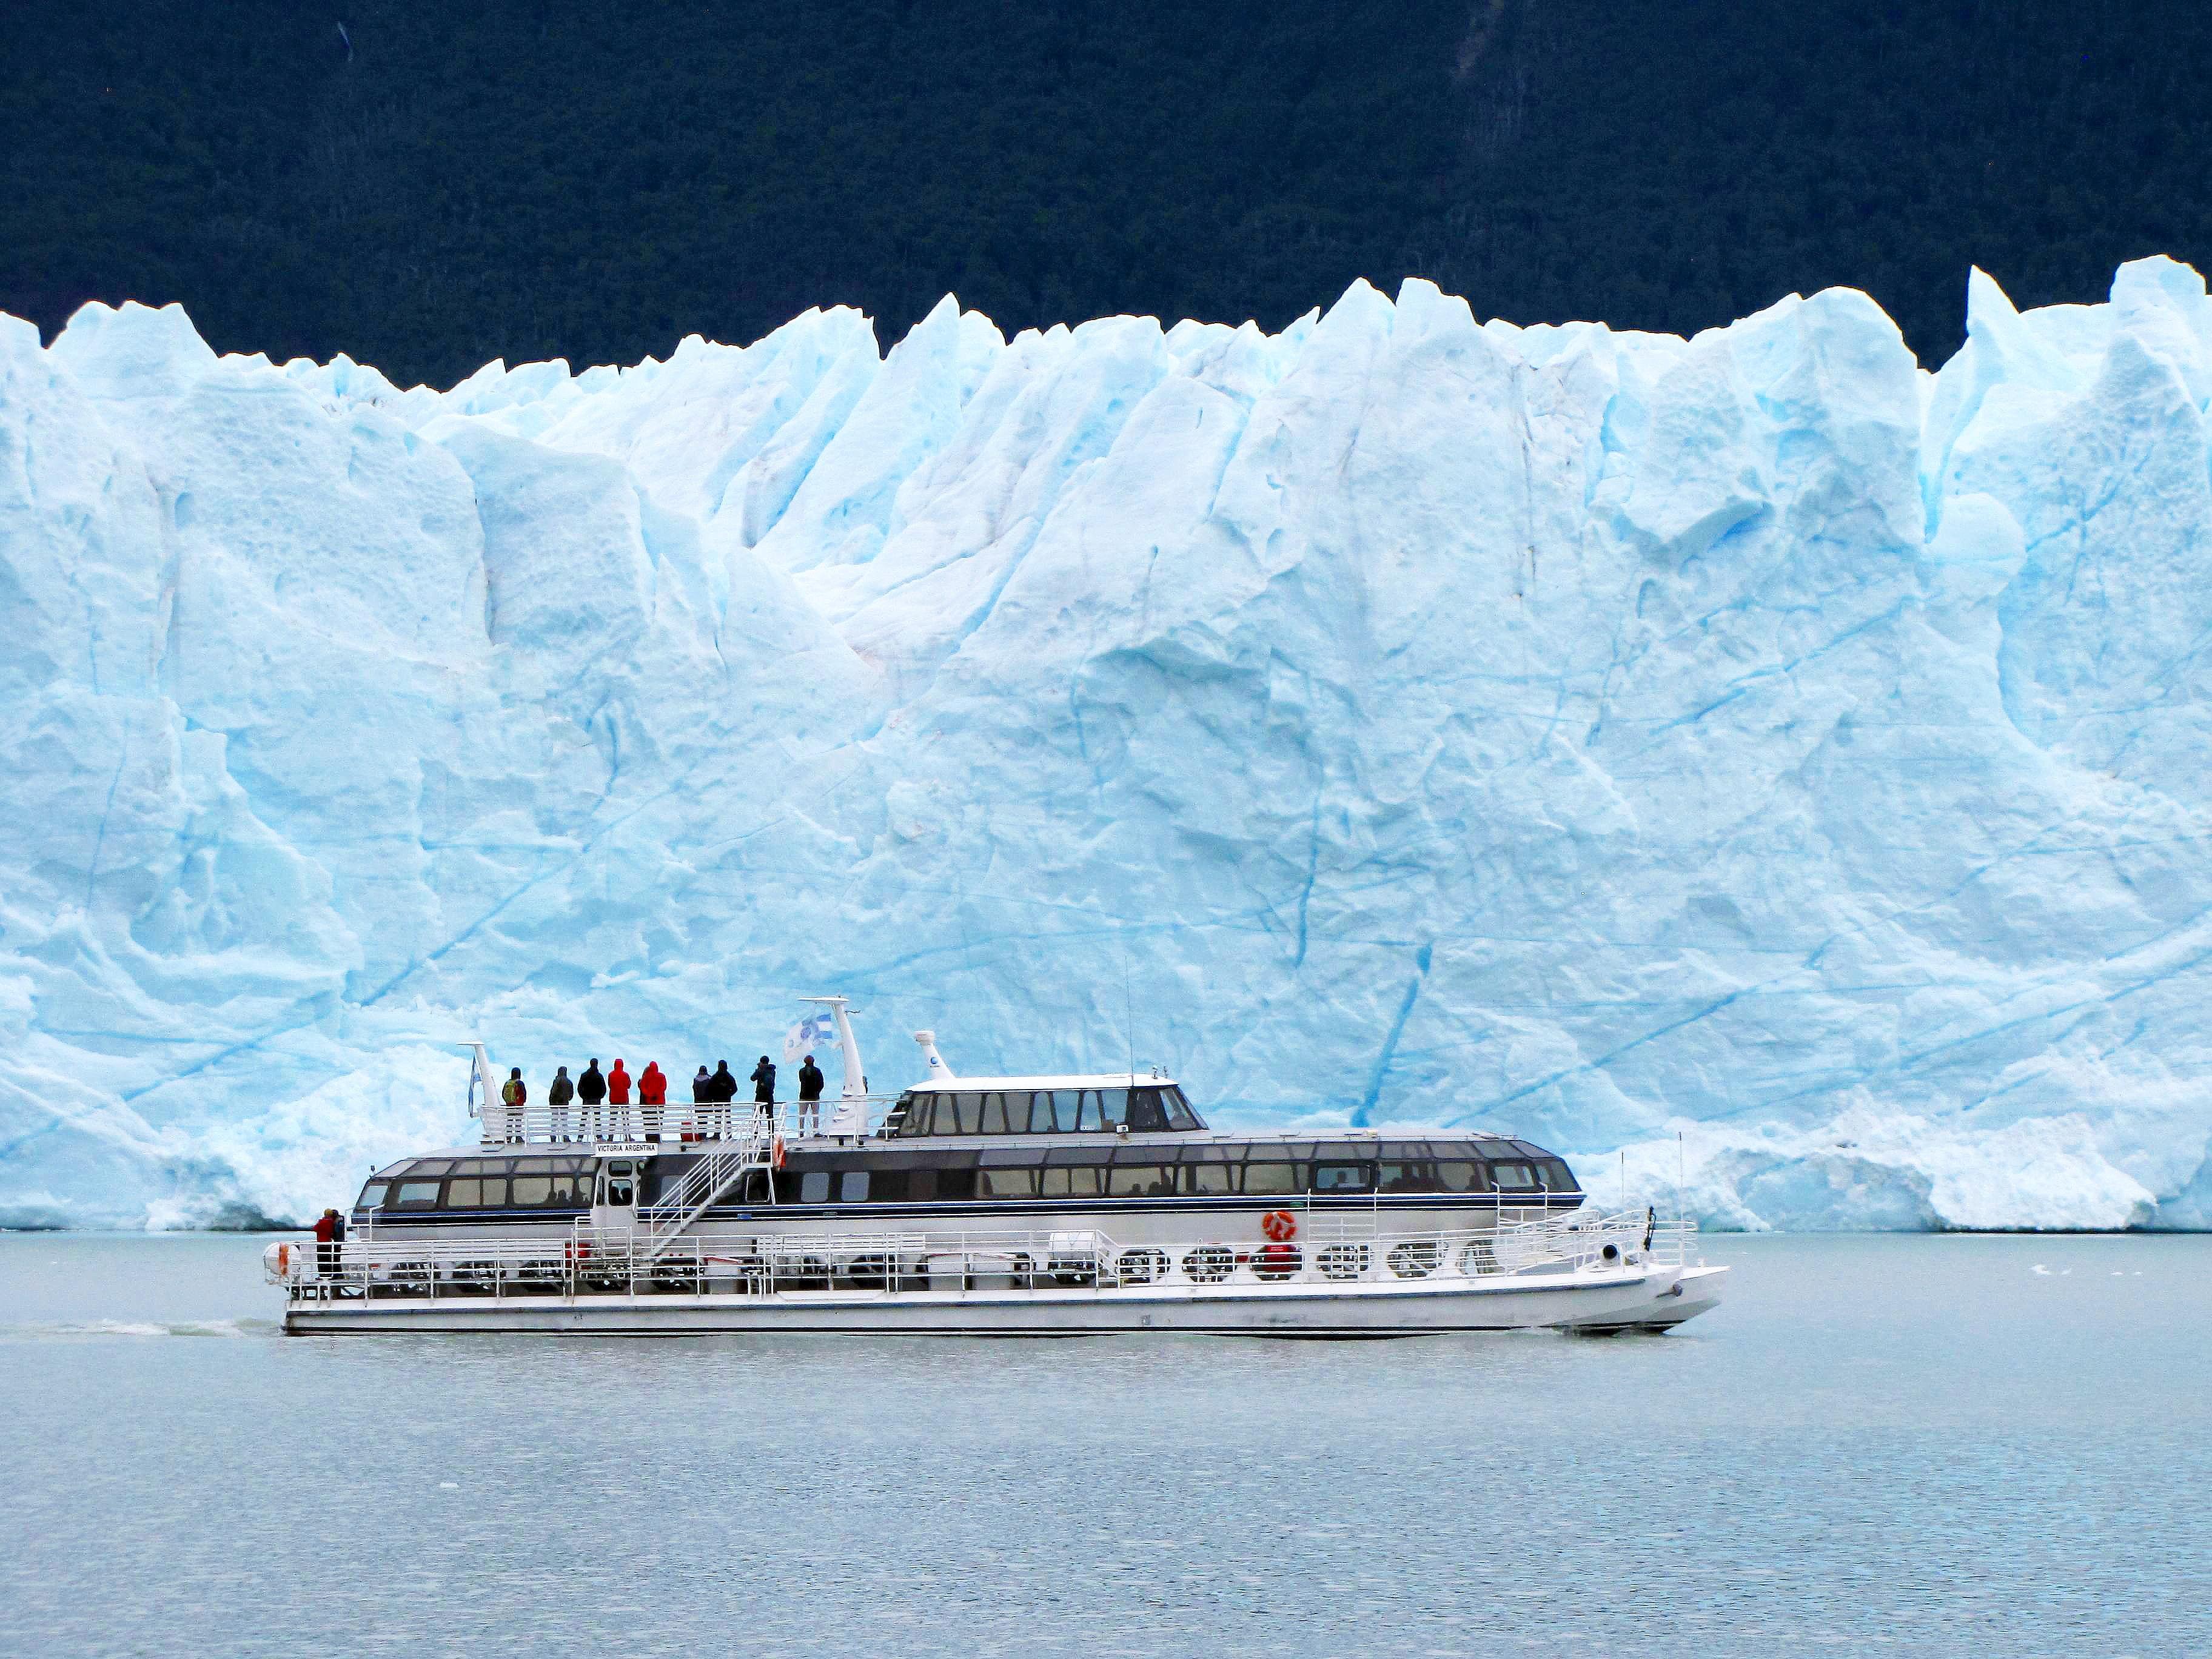 Los Glaciares Cruise in Argentina